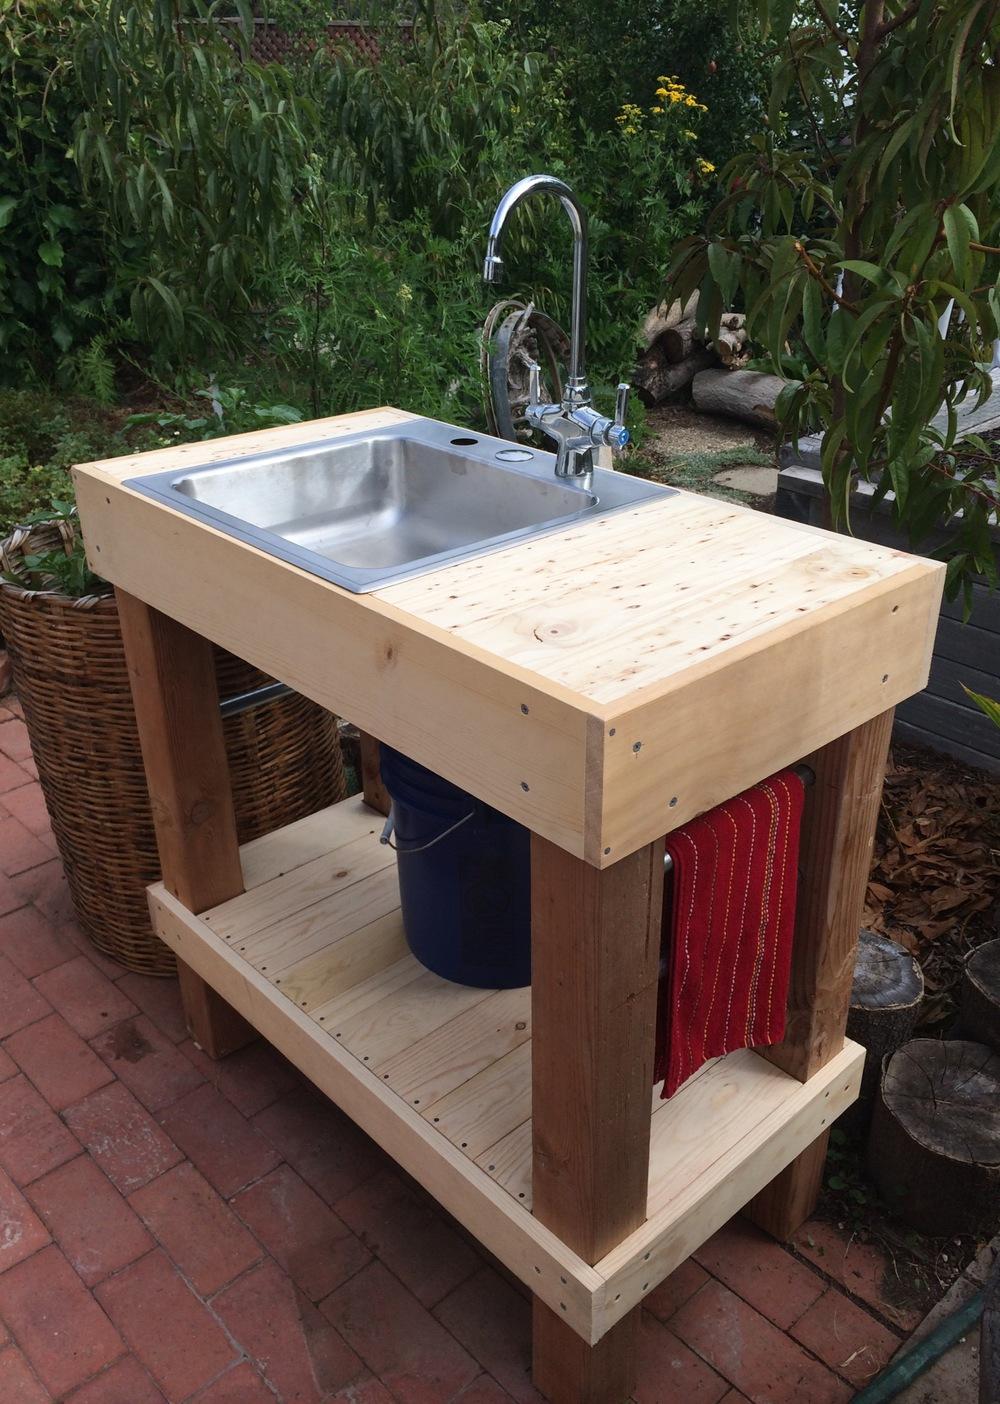 Outdoor sink, Cost: $106